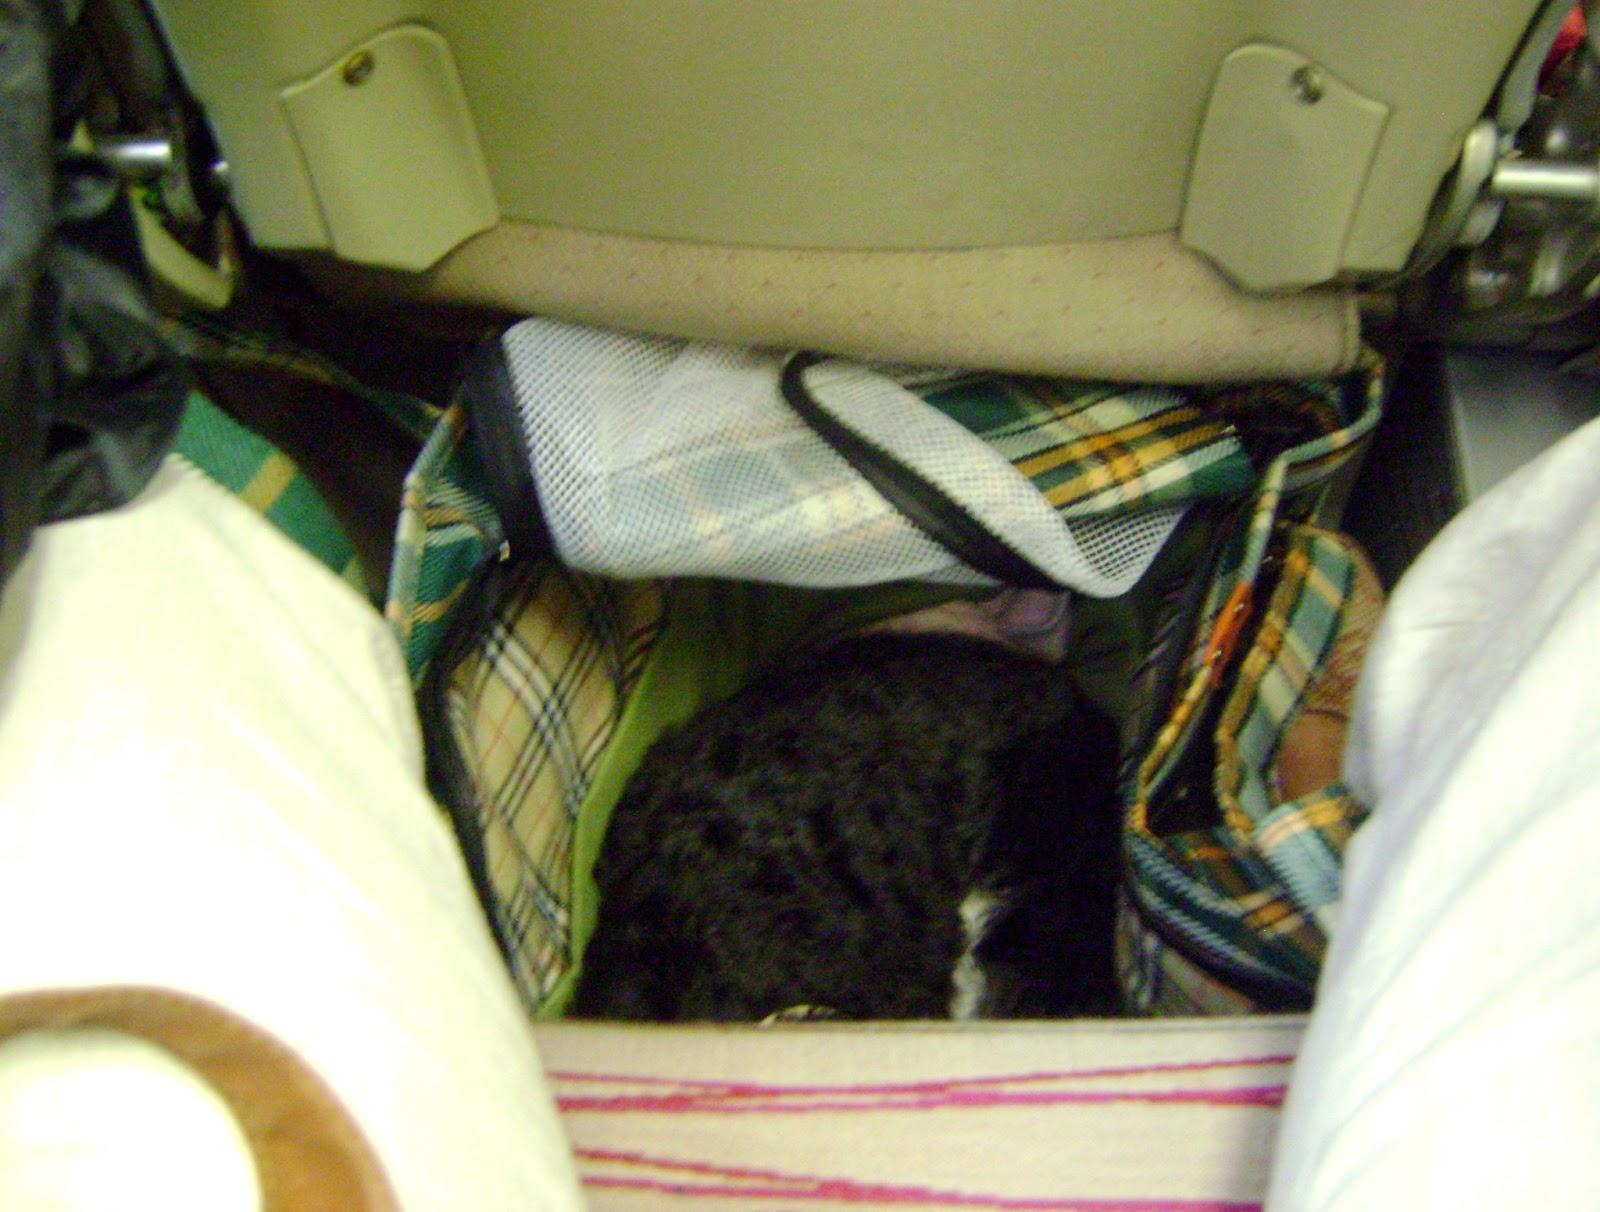 Bolsa De Transporte Caes Aviao : Te sigo pelo mundo viajando de avi?o com cachorro